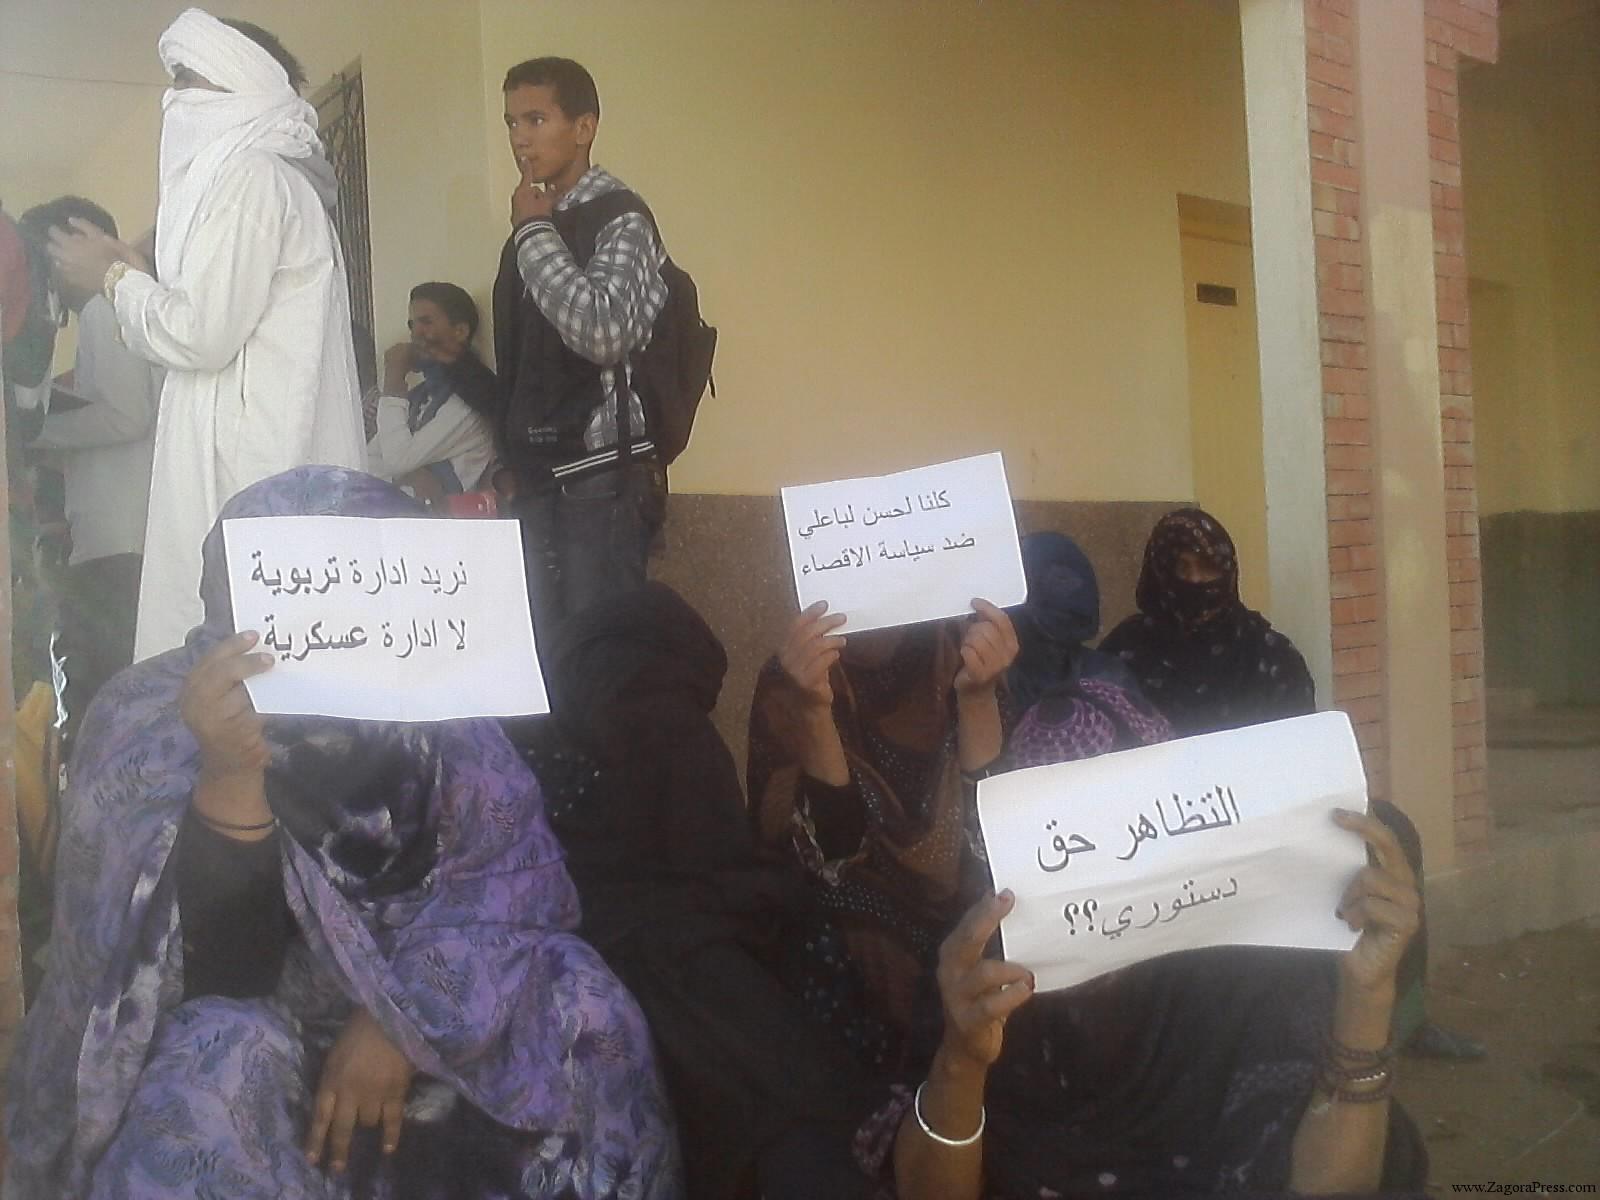 تعزيزات أمنية لمواجهة احتجاجات على طرد تلميذ بامحاميد الغزلان بسبب كتابات على طاولة فصل دراسي